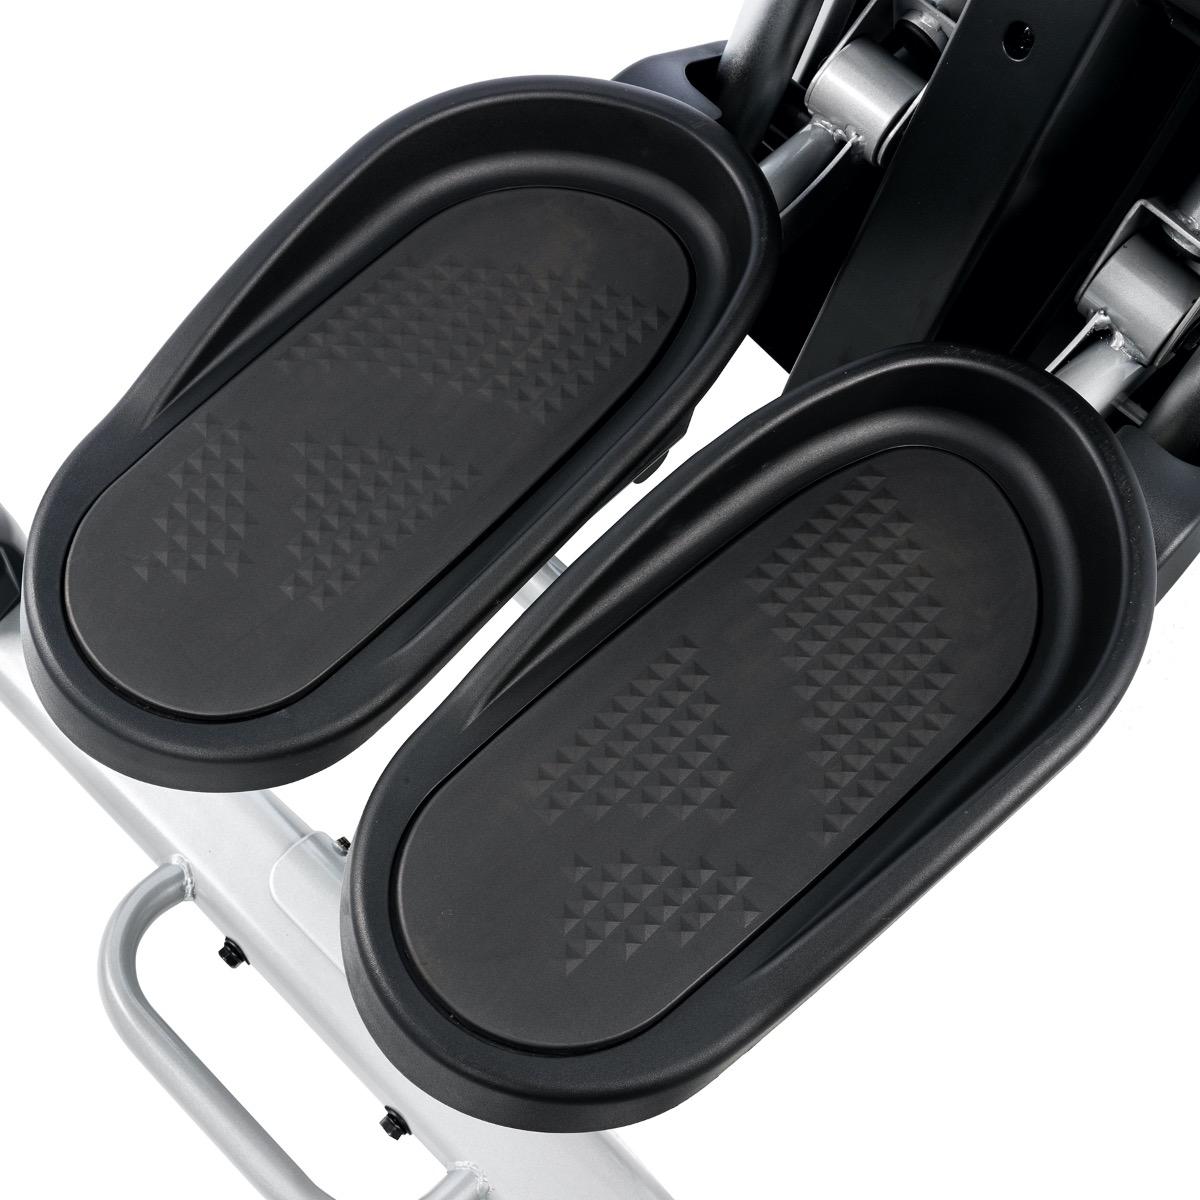 CS800 Foot Pedals